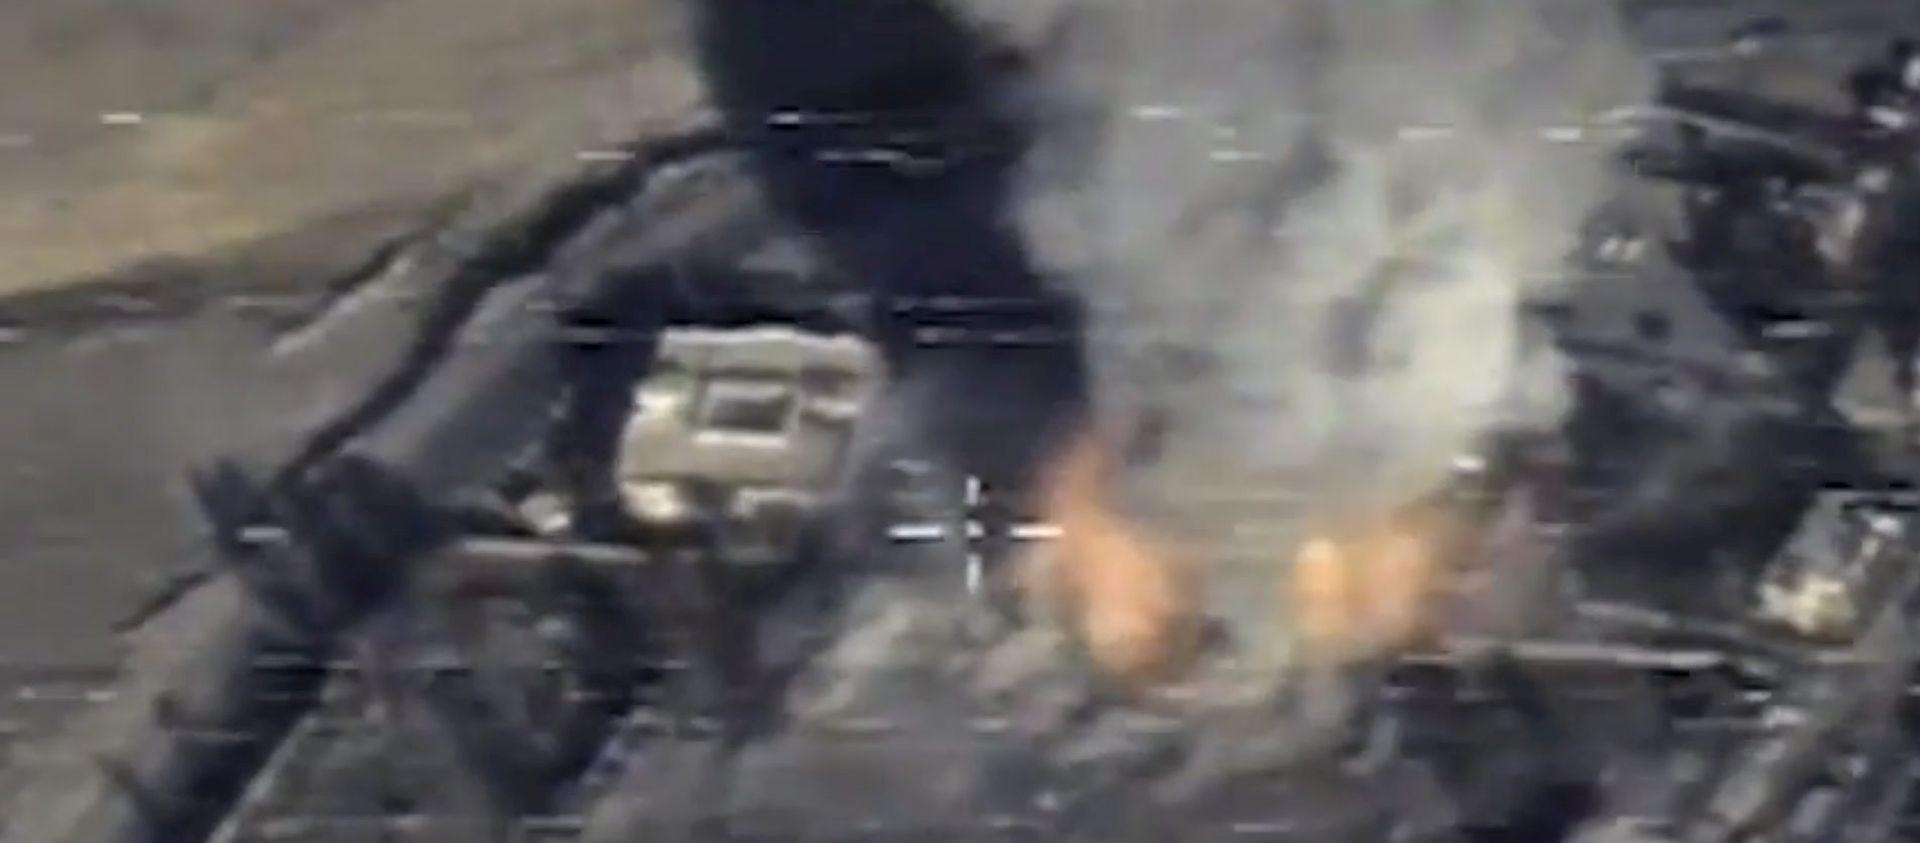 VIŠE DESETAKA MRTVIH: Trostruki bombaški napad na sjeveroistoku Sirije